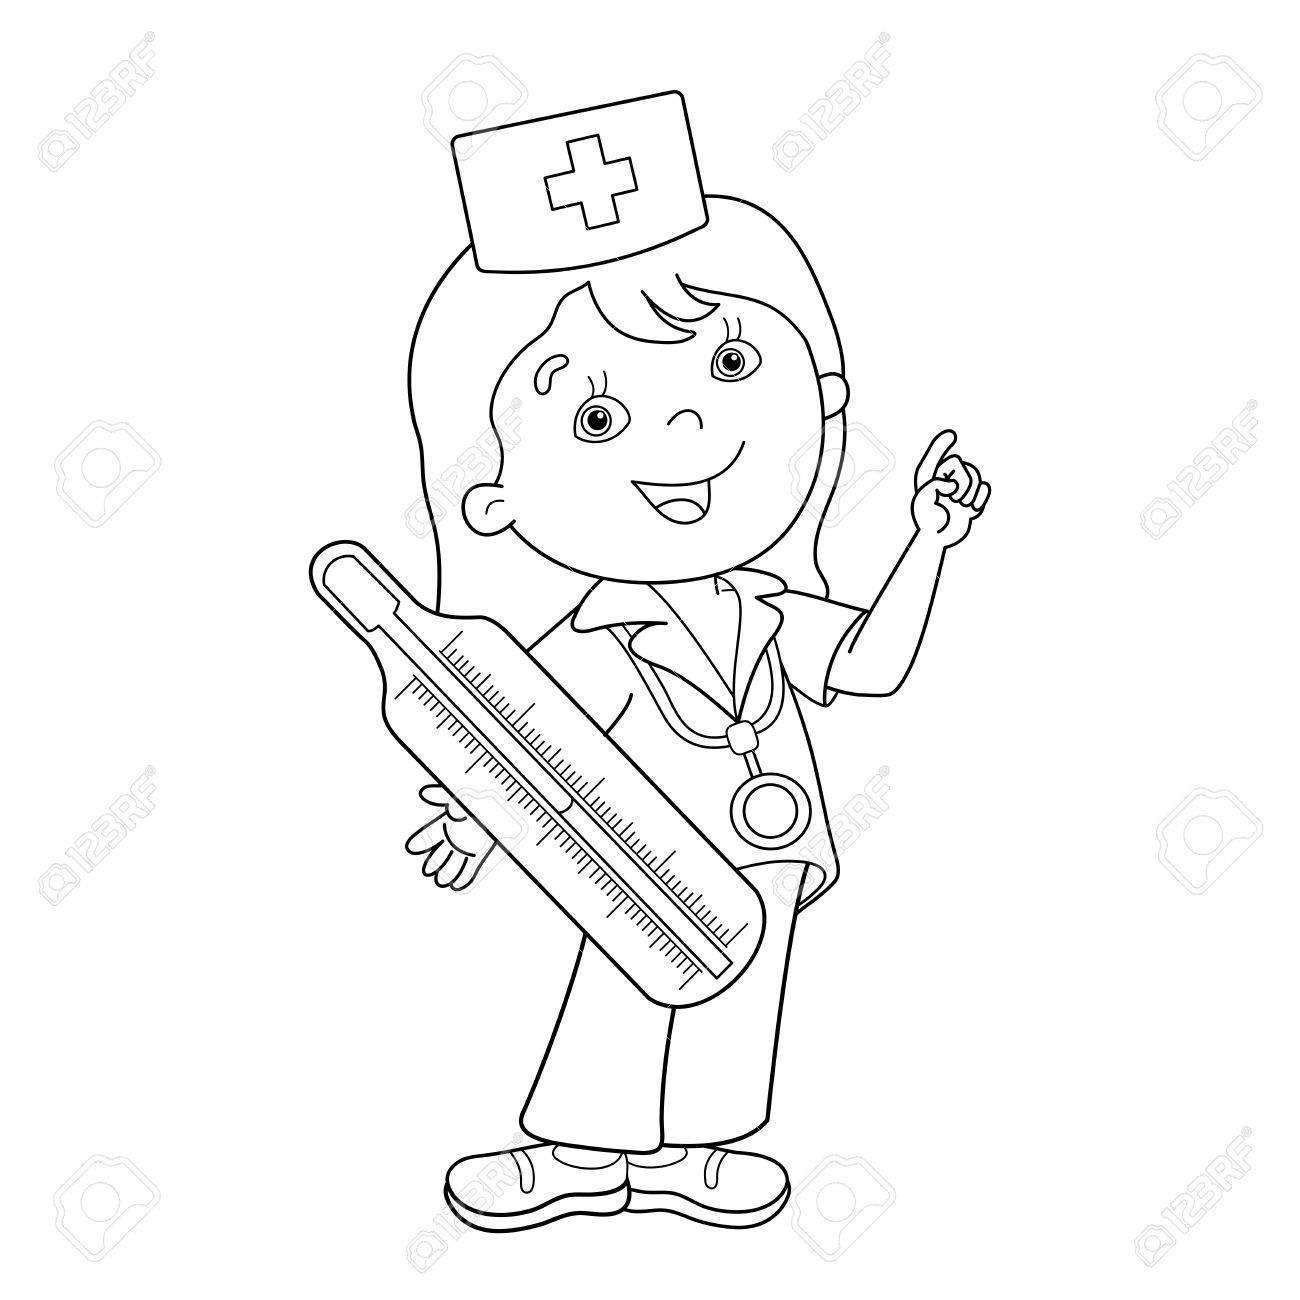 Página Para Colorear Esquema De Dibujos Animados Médico Con El ...